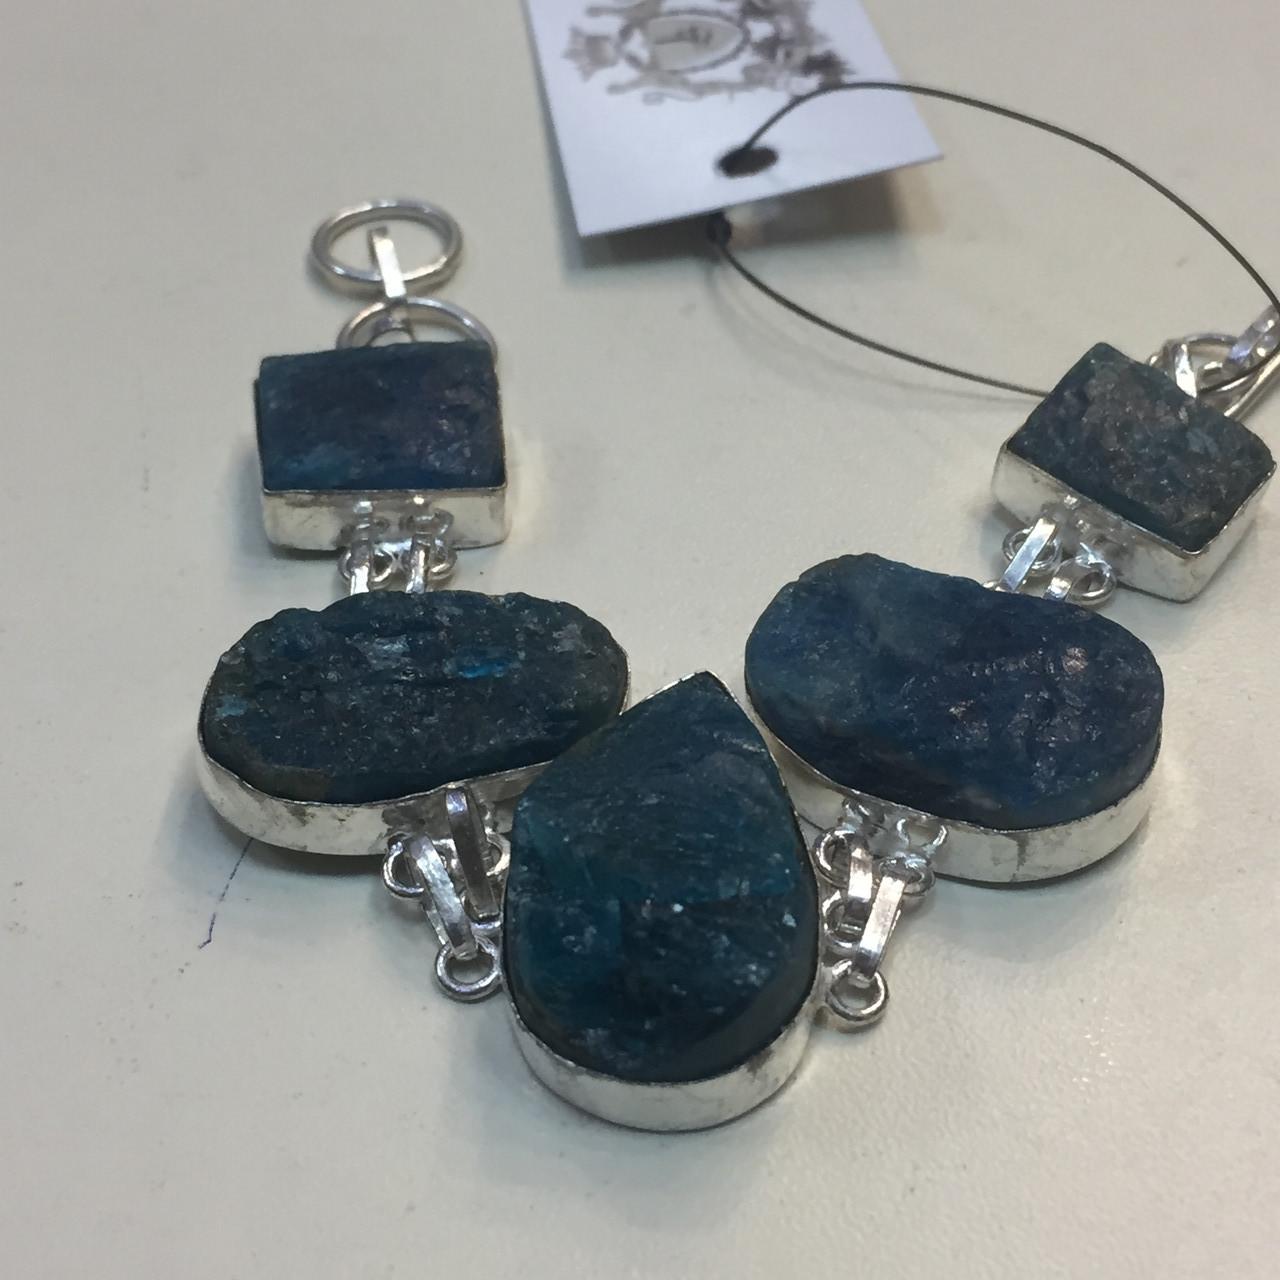 Браслет апатит. Браслет с натуральным камнем апатит Индия в серебре браслет с апатитом.